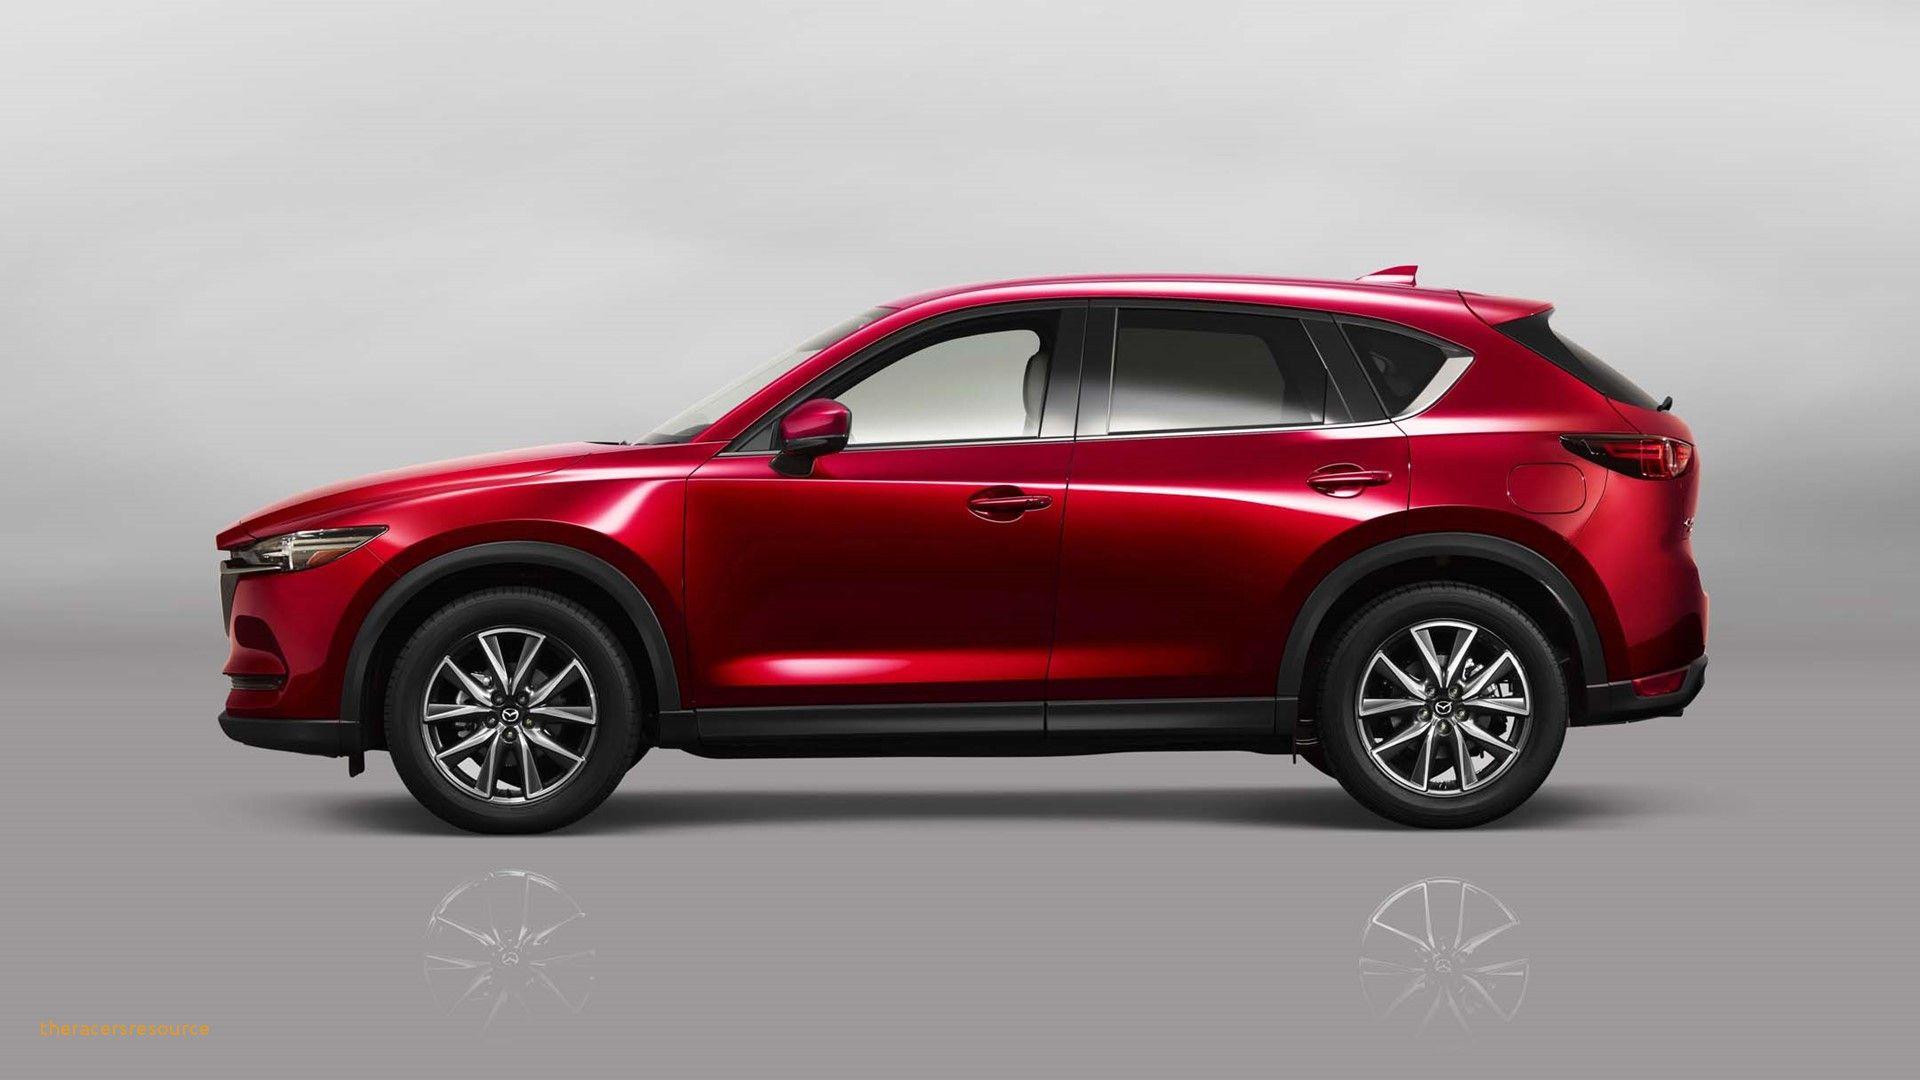 2019 Mazda Cx 5 Sport Suv Cx5 Elegant 2017 Mazda Cx 5 Vs 2016 Mazda Mazda Cx5 Mazda Mazda Cars